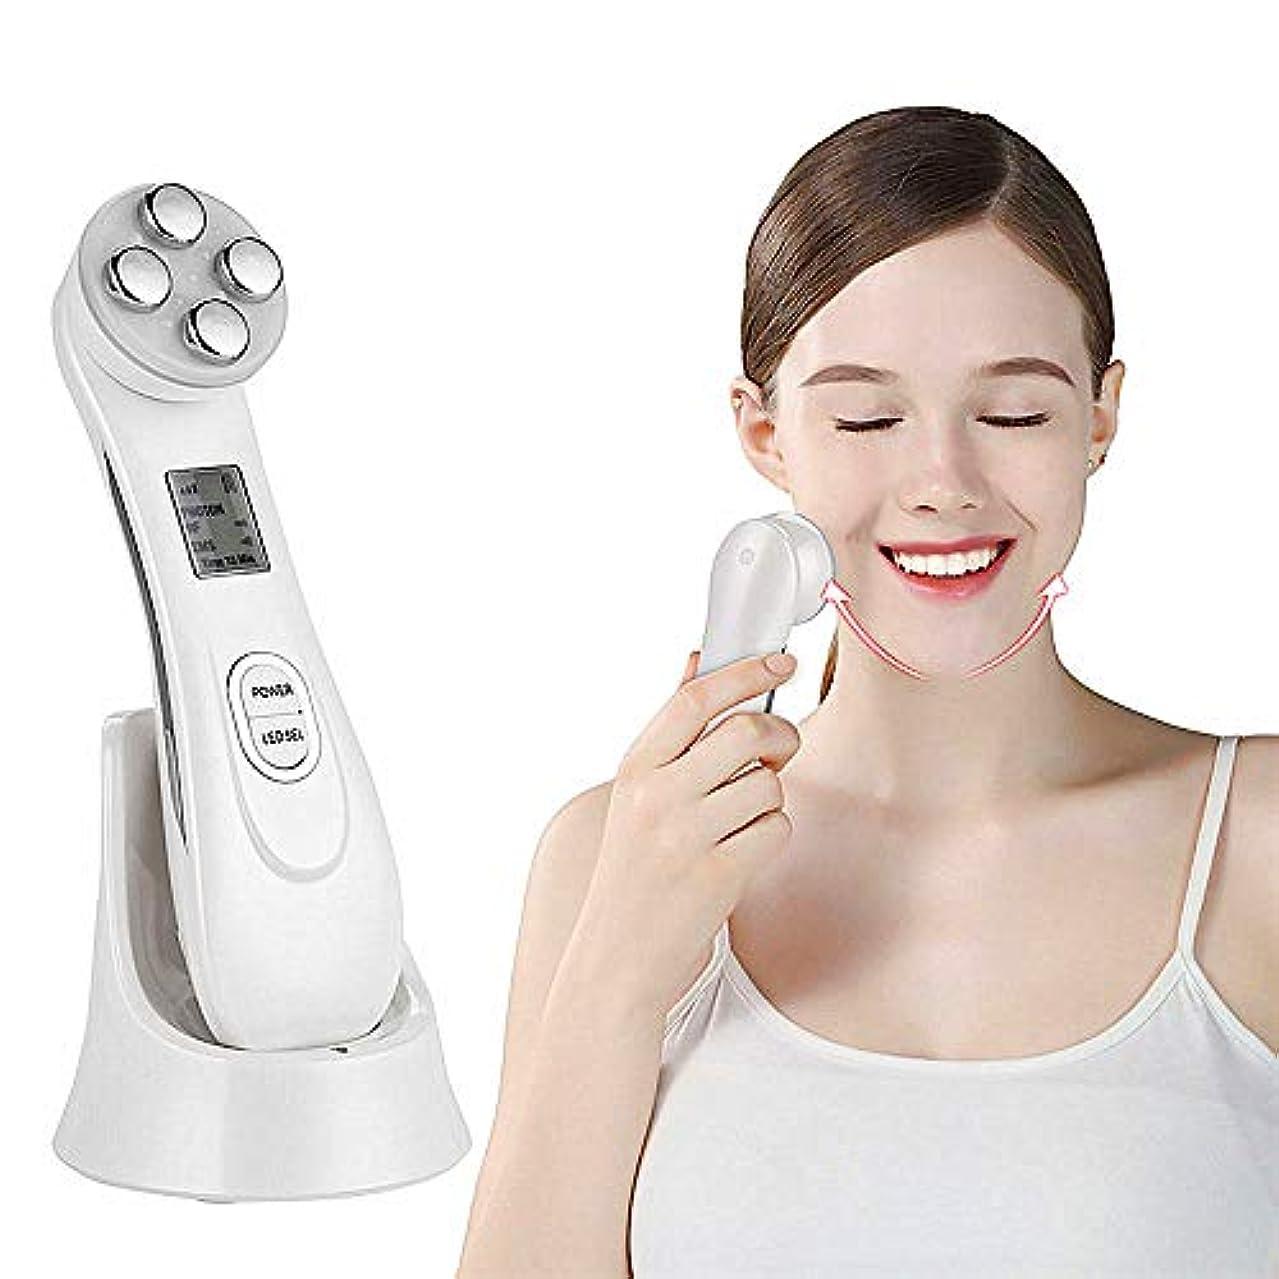 の配列韓国黄ばむ顔スキン EMS メソセラピーエレクトロポレーション RF ラジオ周波数顔 LED フォトンスキンケアデバイスフェイスリフティングは、美容ツールを締めます